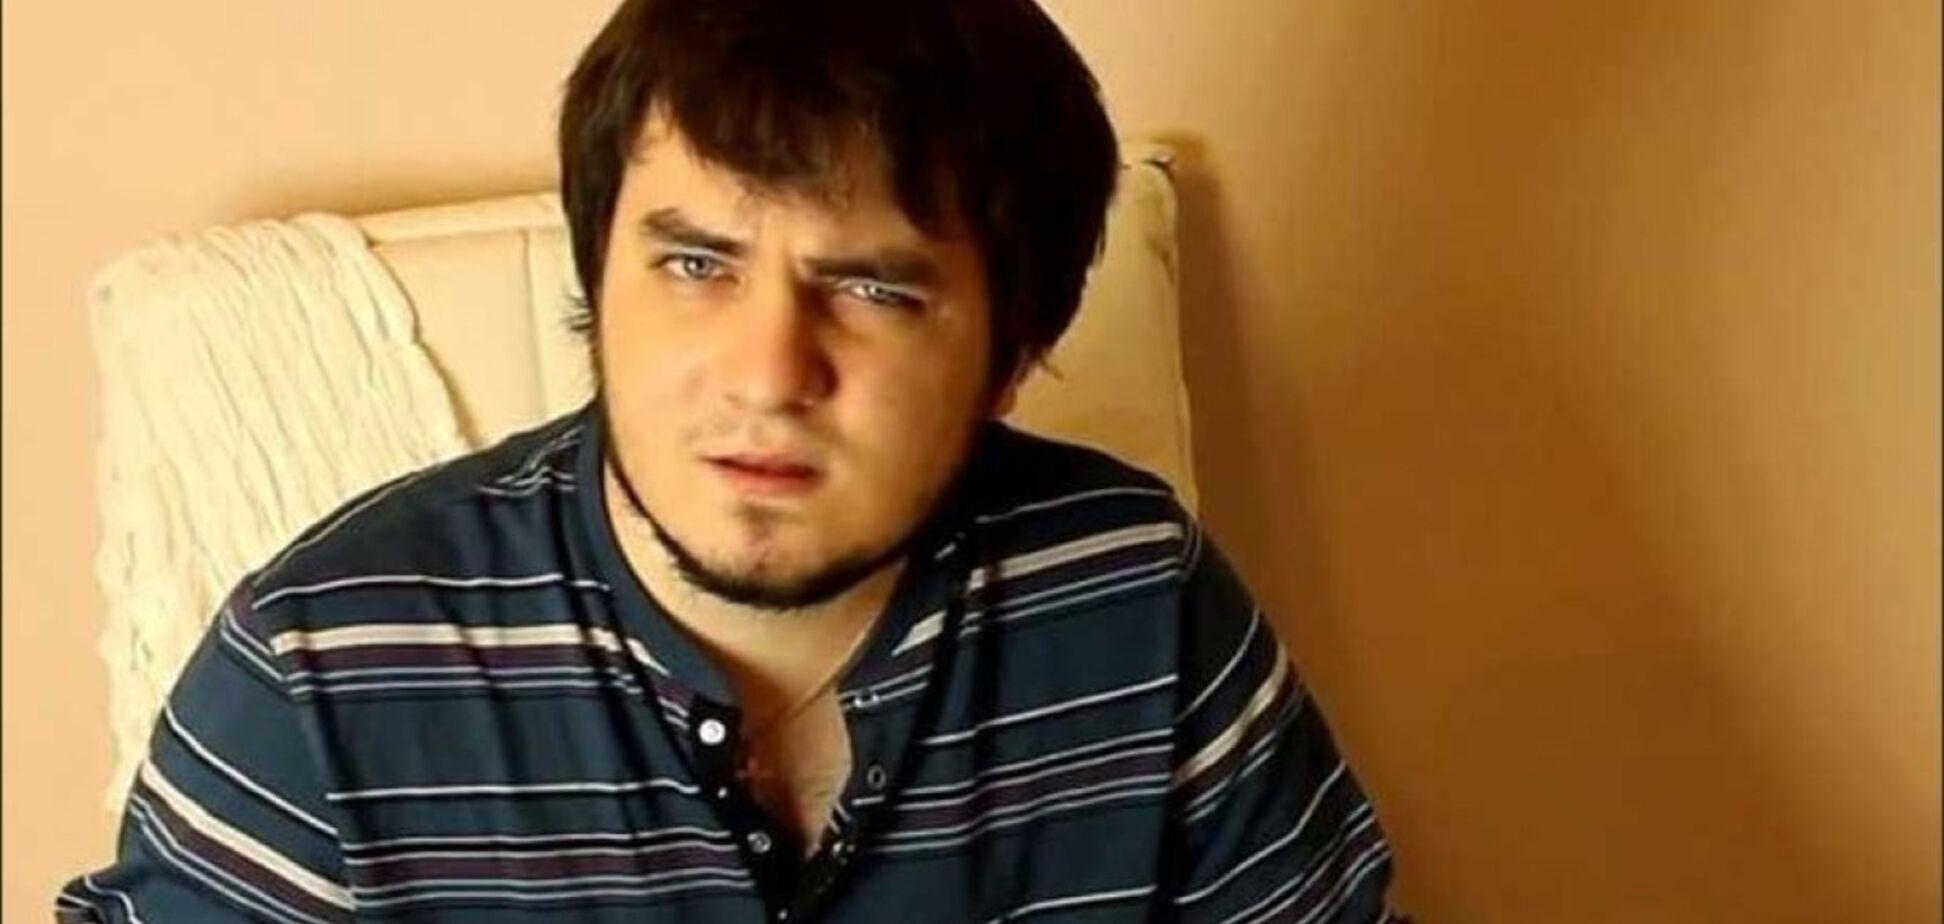 Провокатор и украинофоб: популярный российский блогер угодил в базу 'Миротворец'